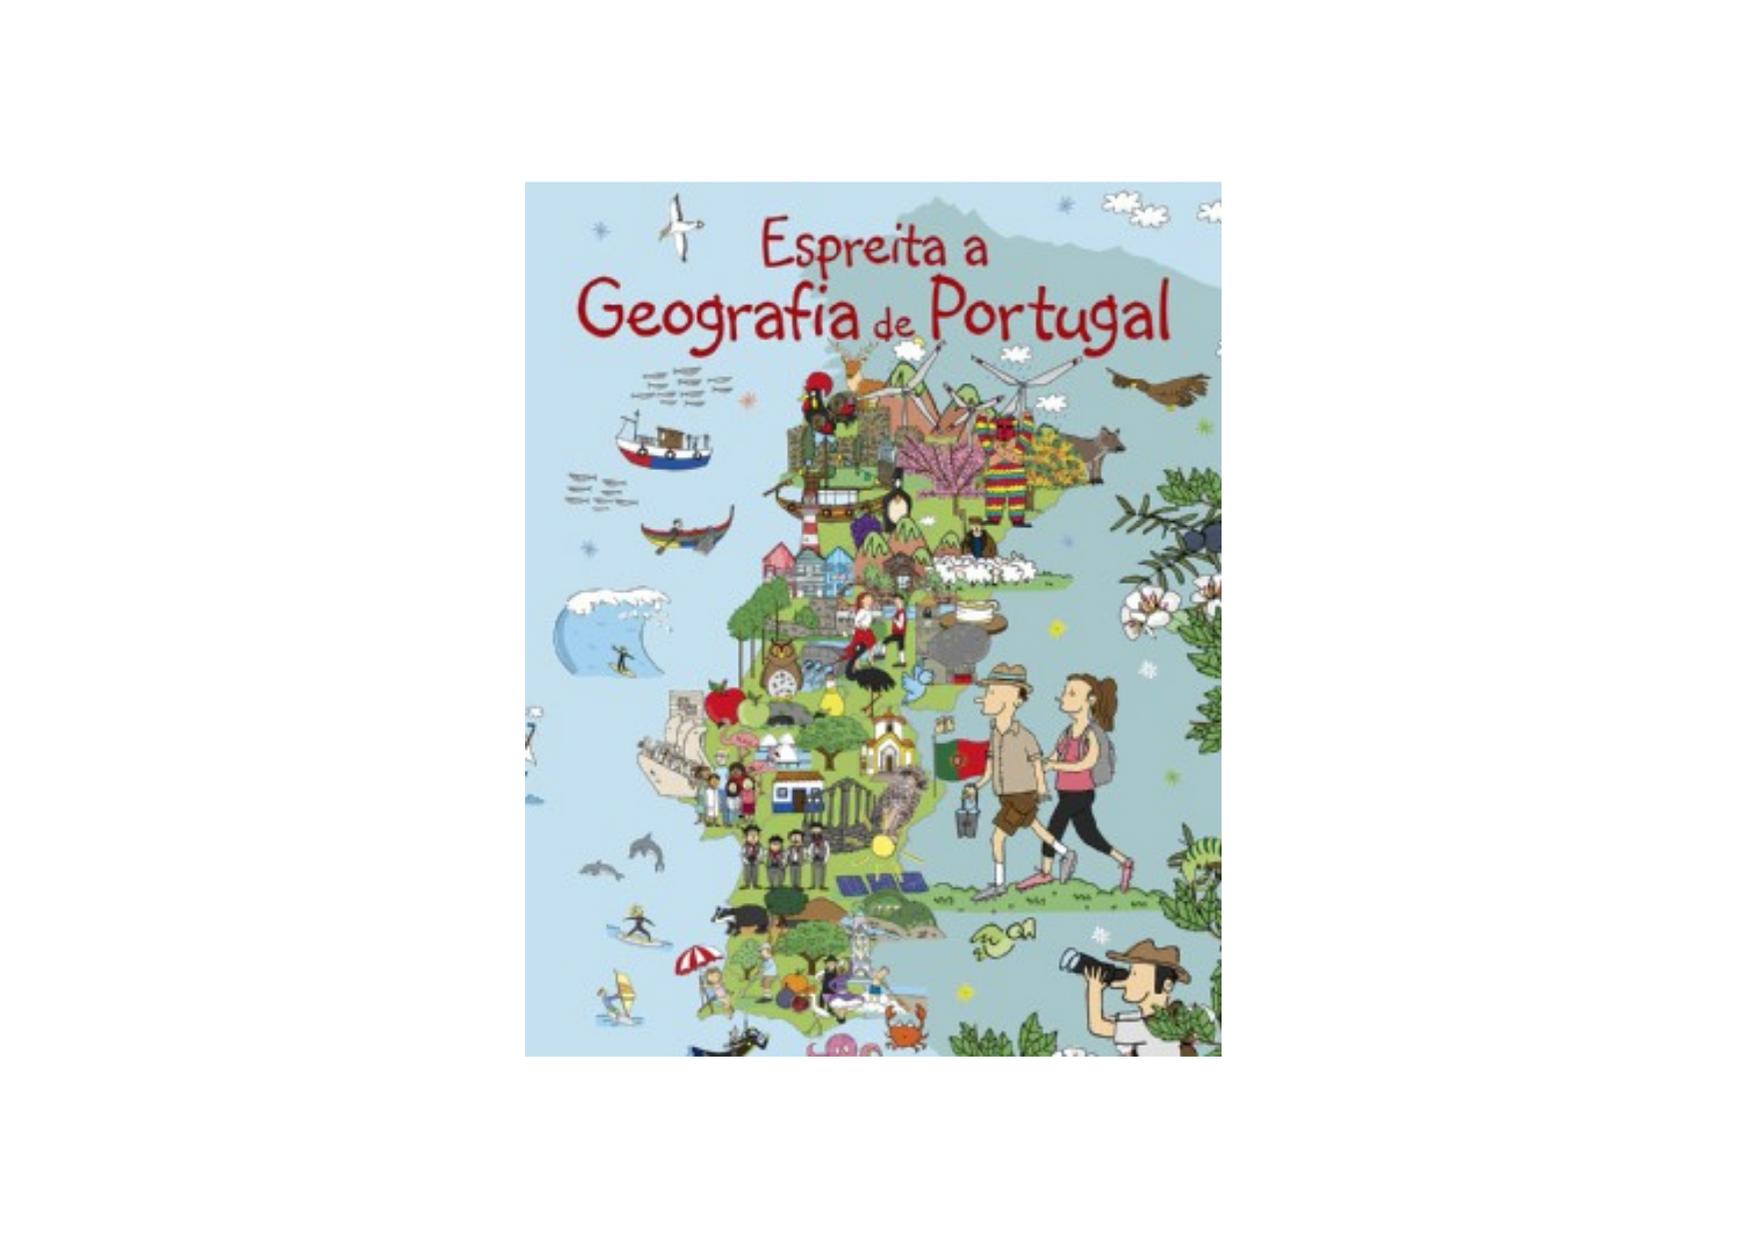 Espreita a Geografia de Portugal, de Vera Ribeiro